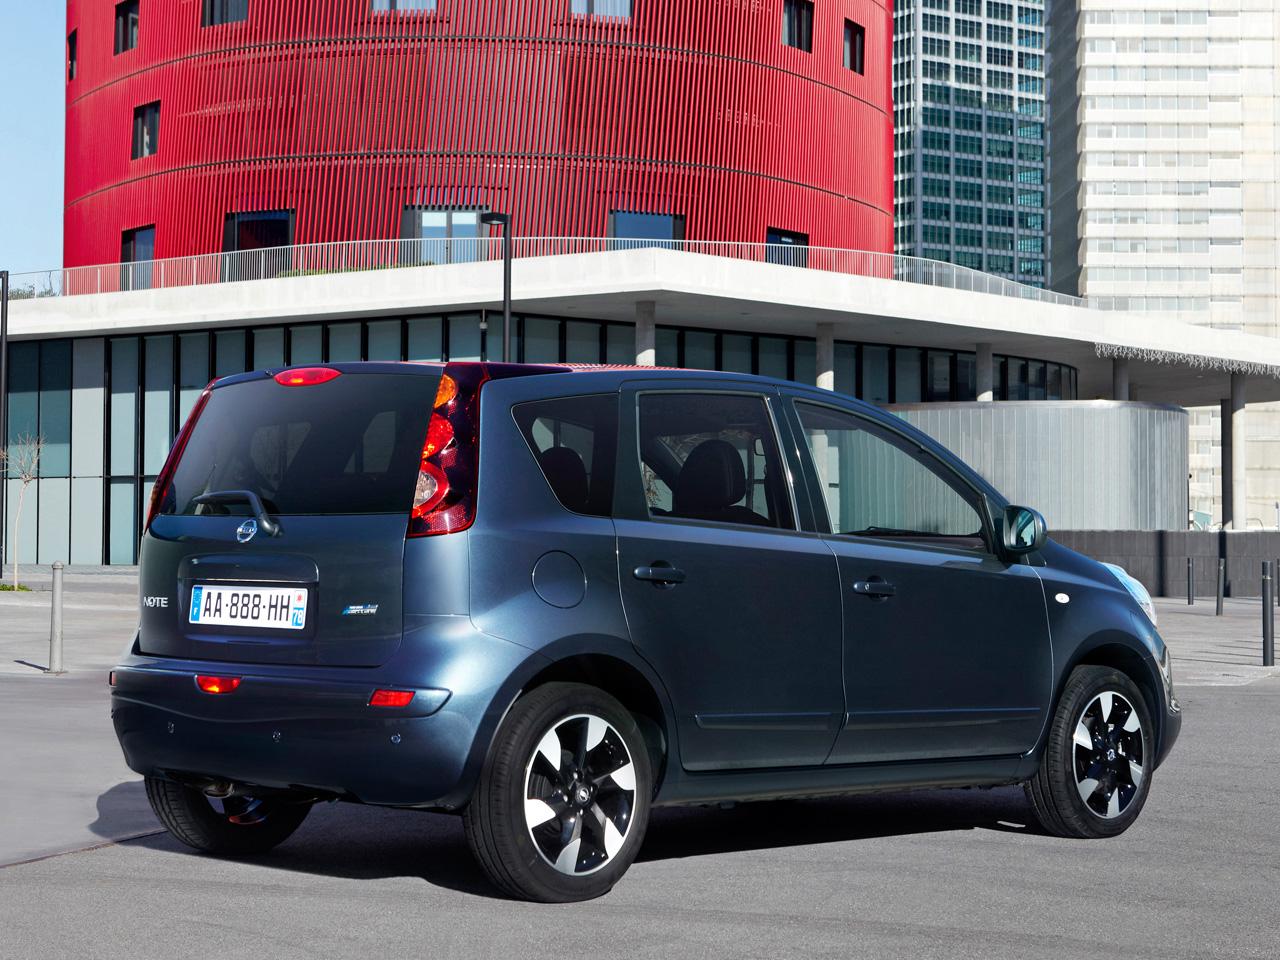 nissan note: gebrauchtwagen kaufen   autozeitung.de